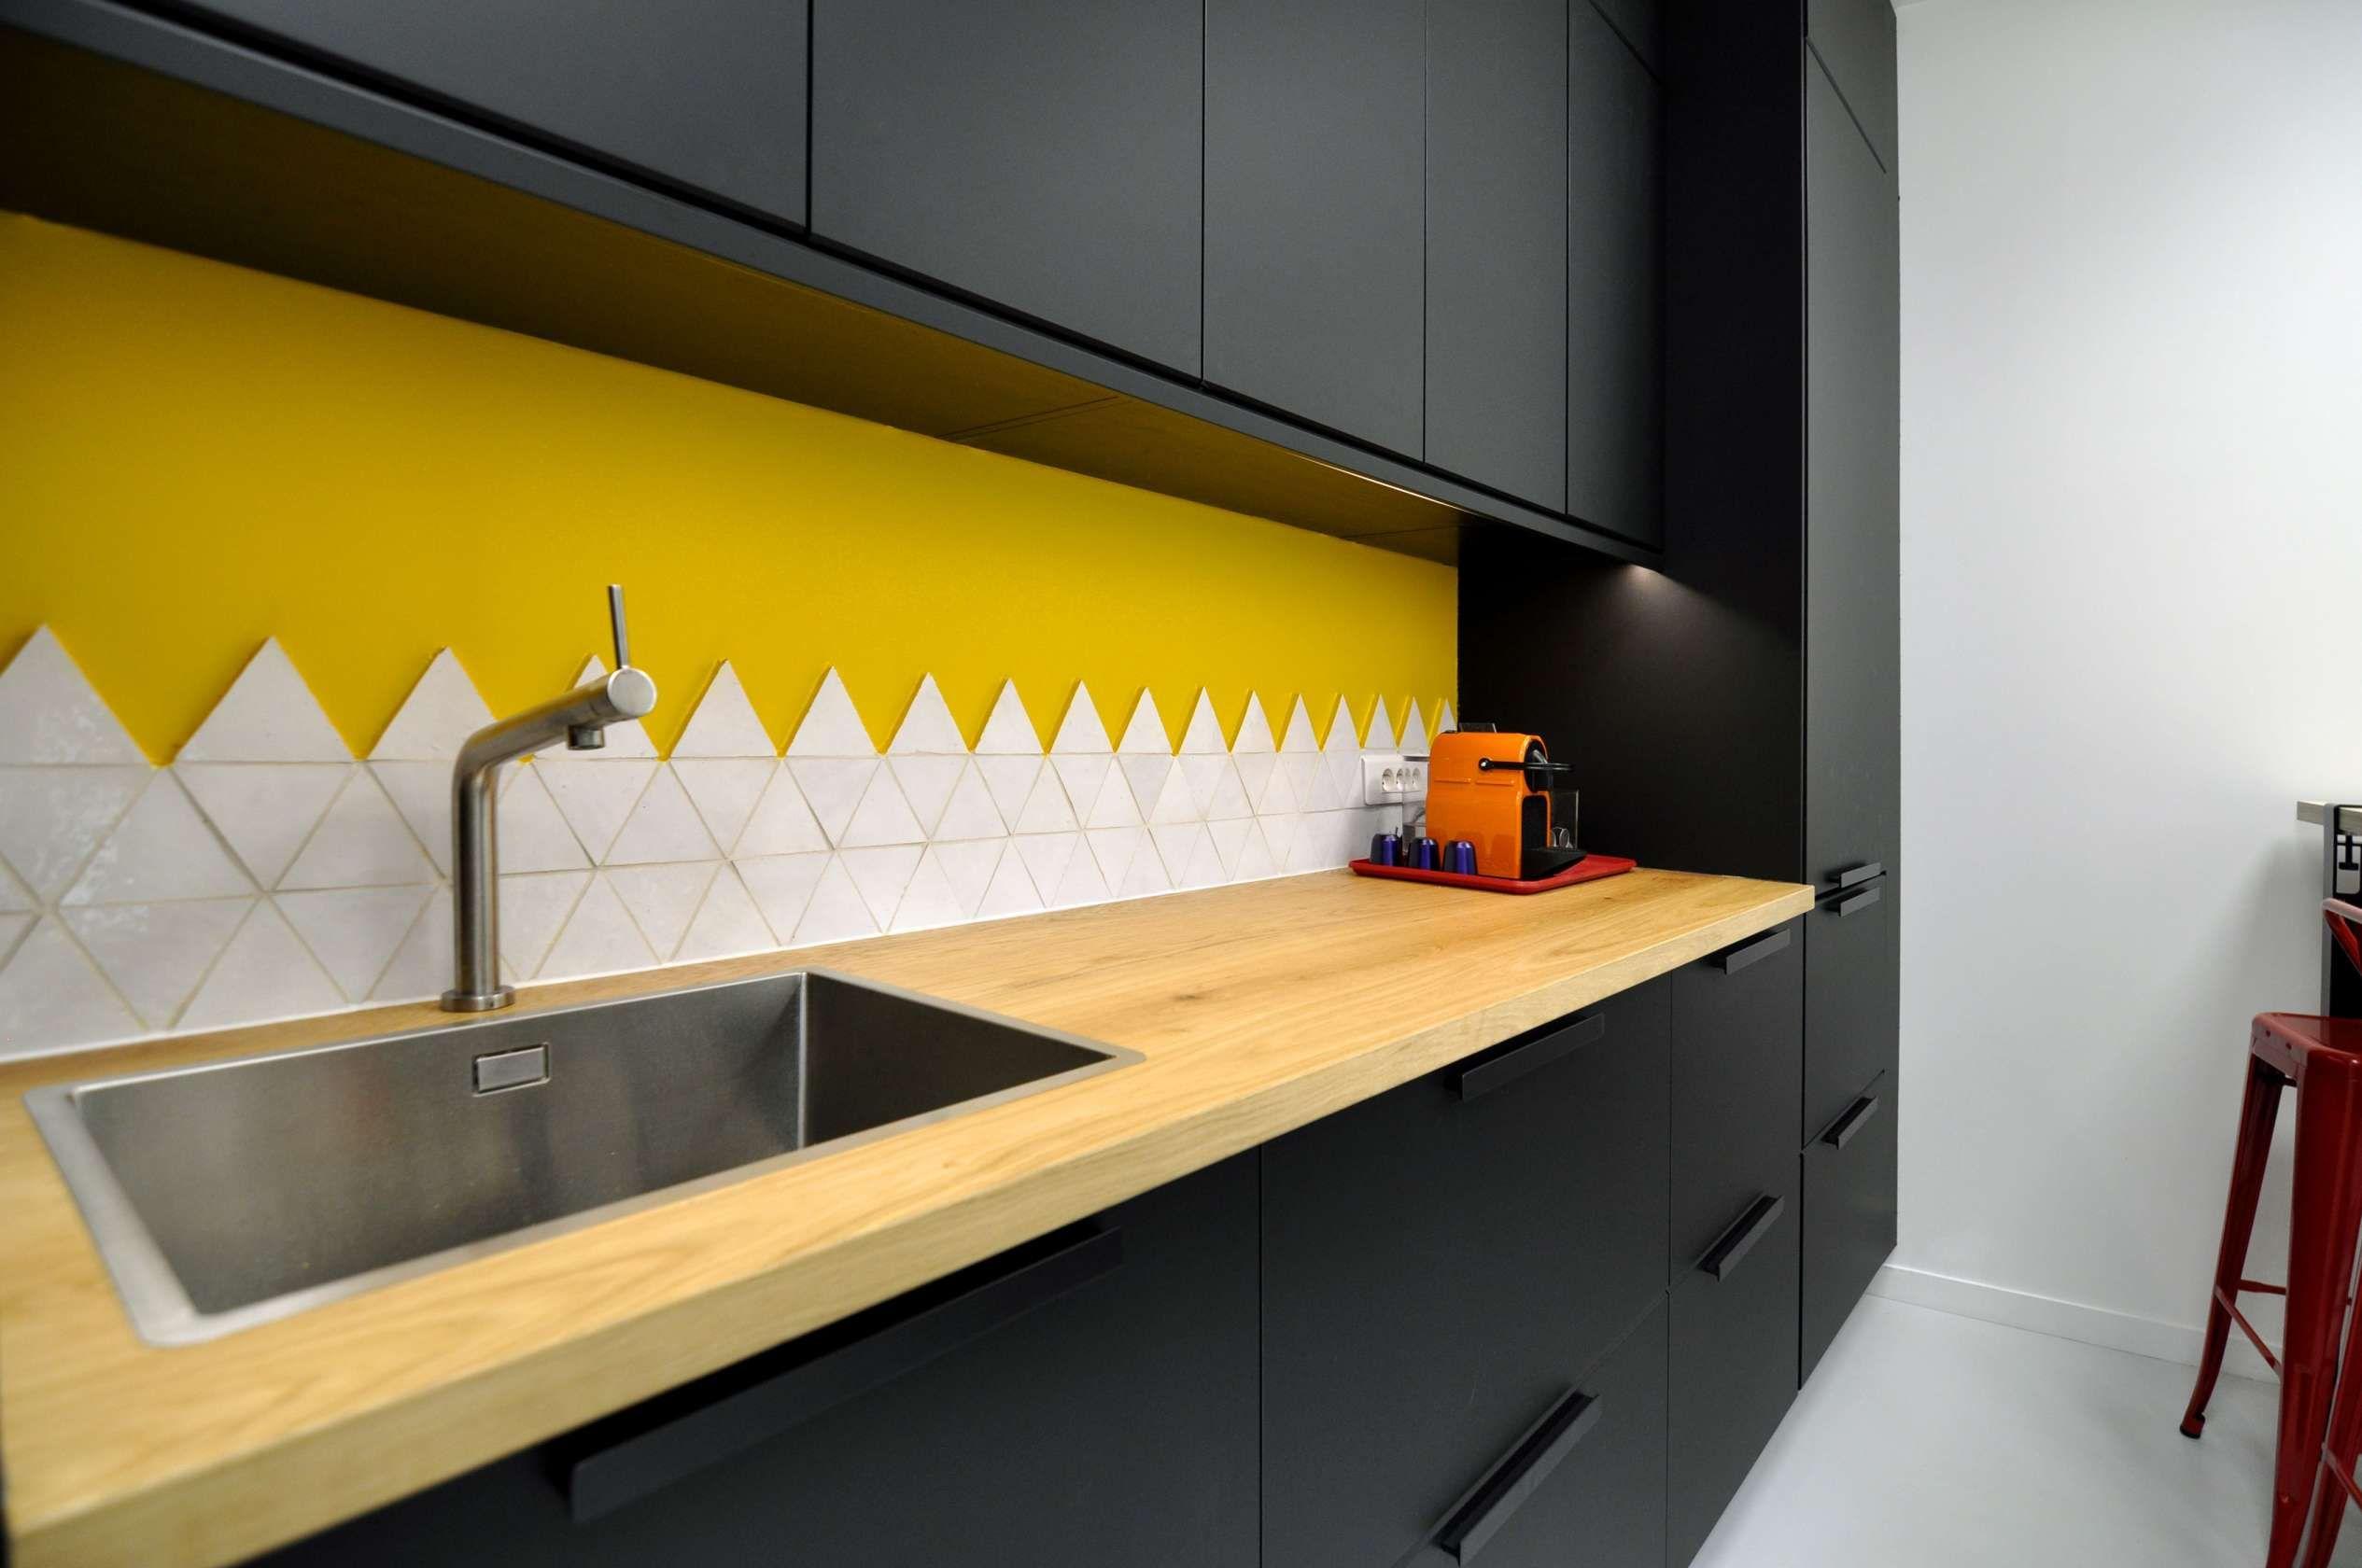 15+ Cuisine Noir Et Jaune - Designs de chambre, Designs de salle à